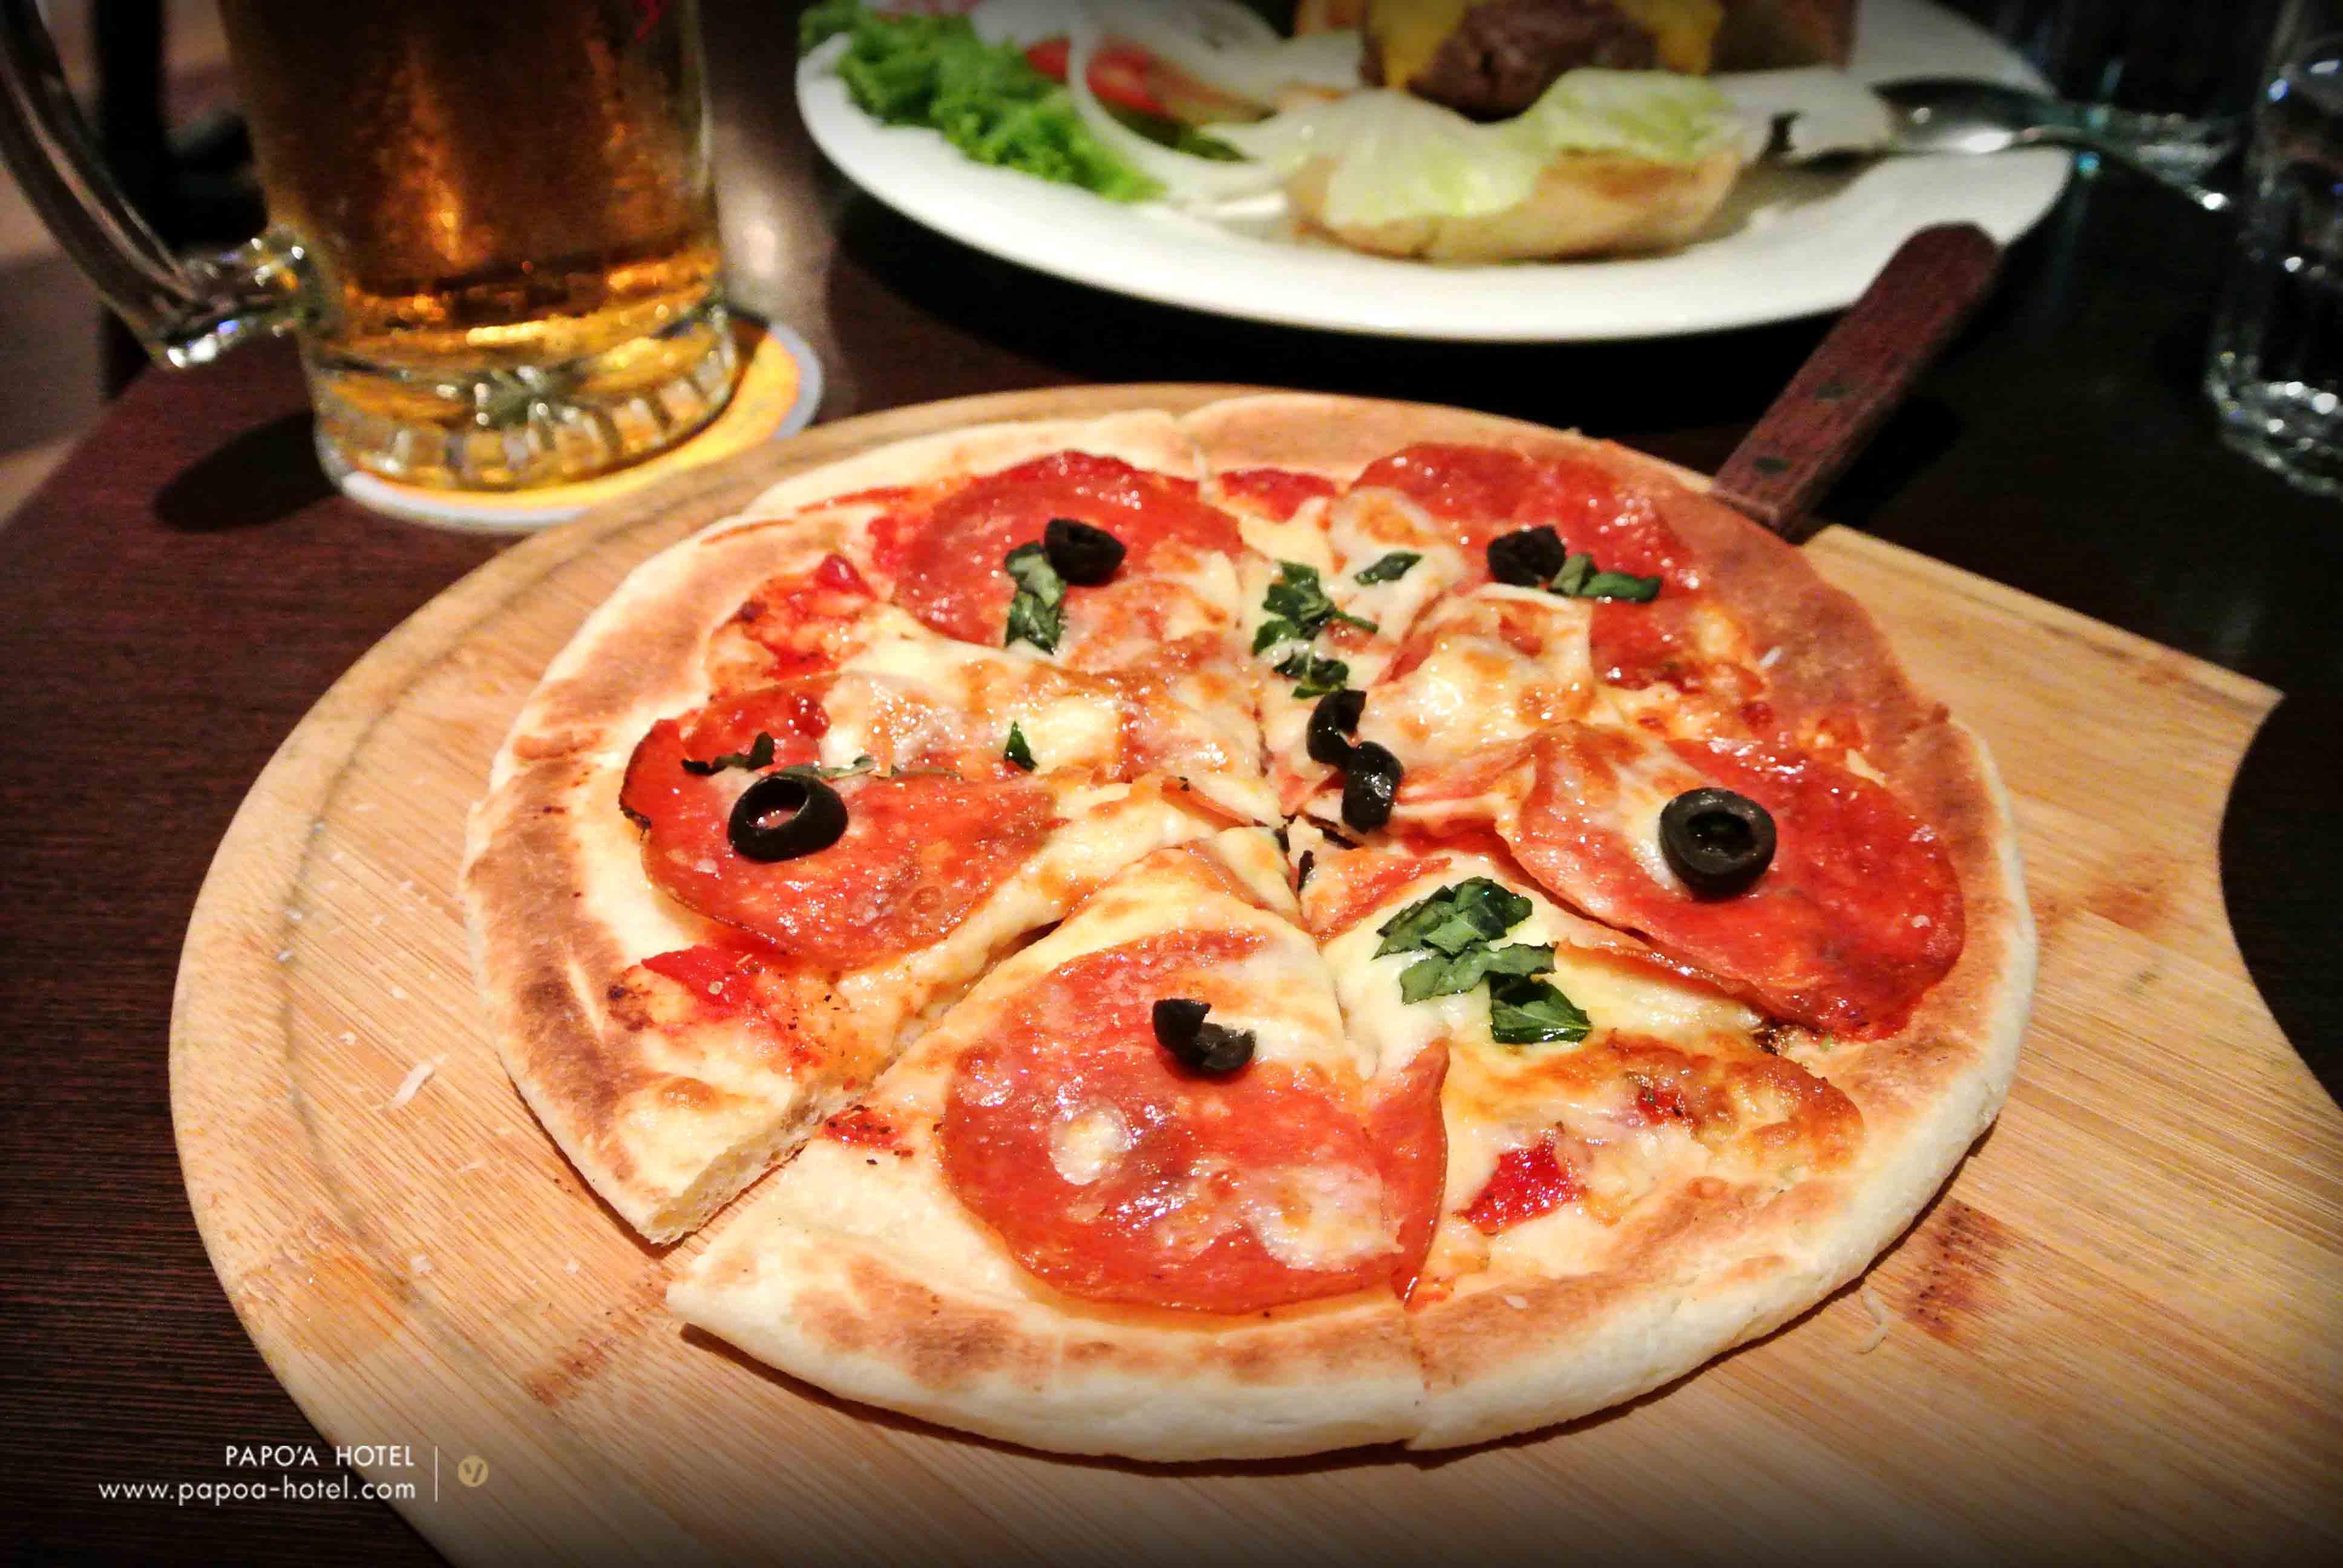 啤酒肚餐廳香腸披薩